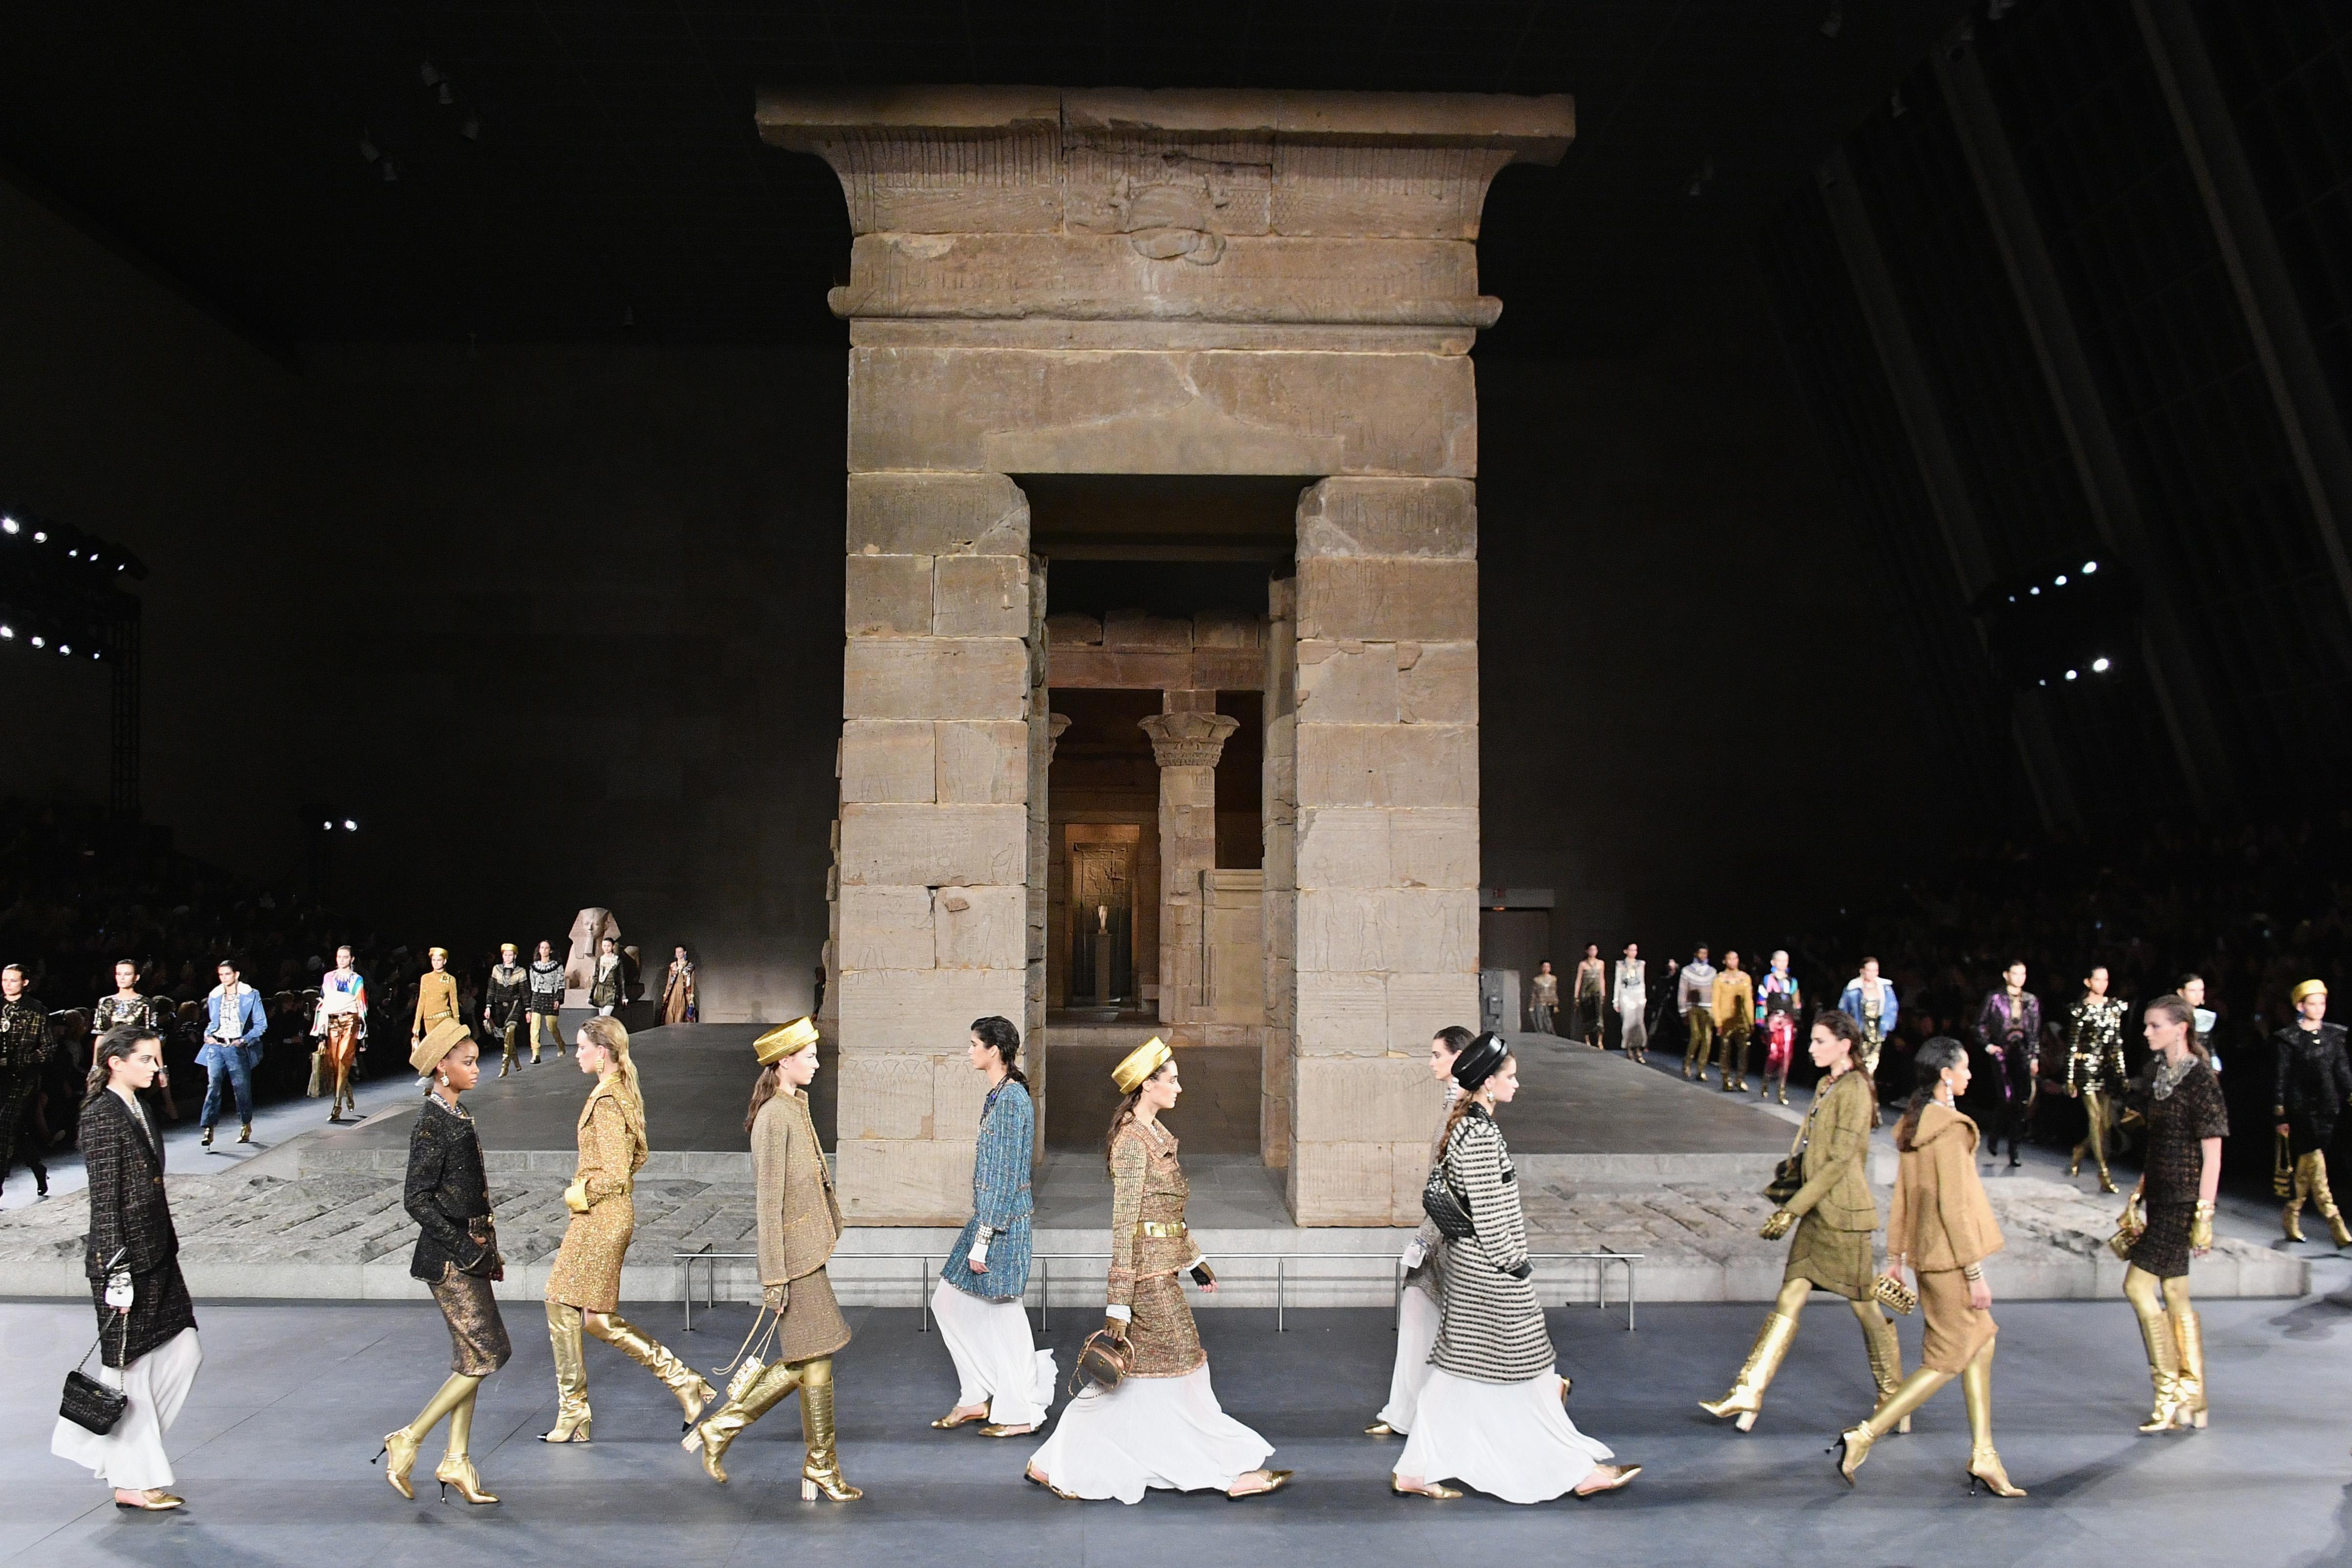 """Френската модна къща """"Шанел"""" представи свое фараонско дефиле в нюйоркския музей """"Метрополитън"""", вдъхновено от Древния Египет и от художествените занаяти. За декор на ревюто послужи дареният на галерията древен храм Дендур."""